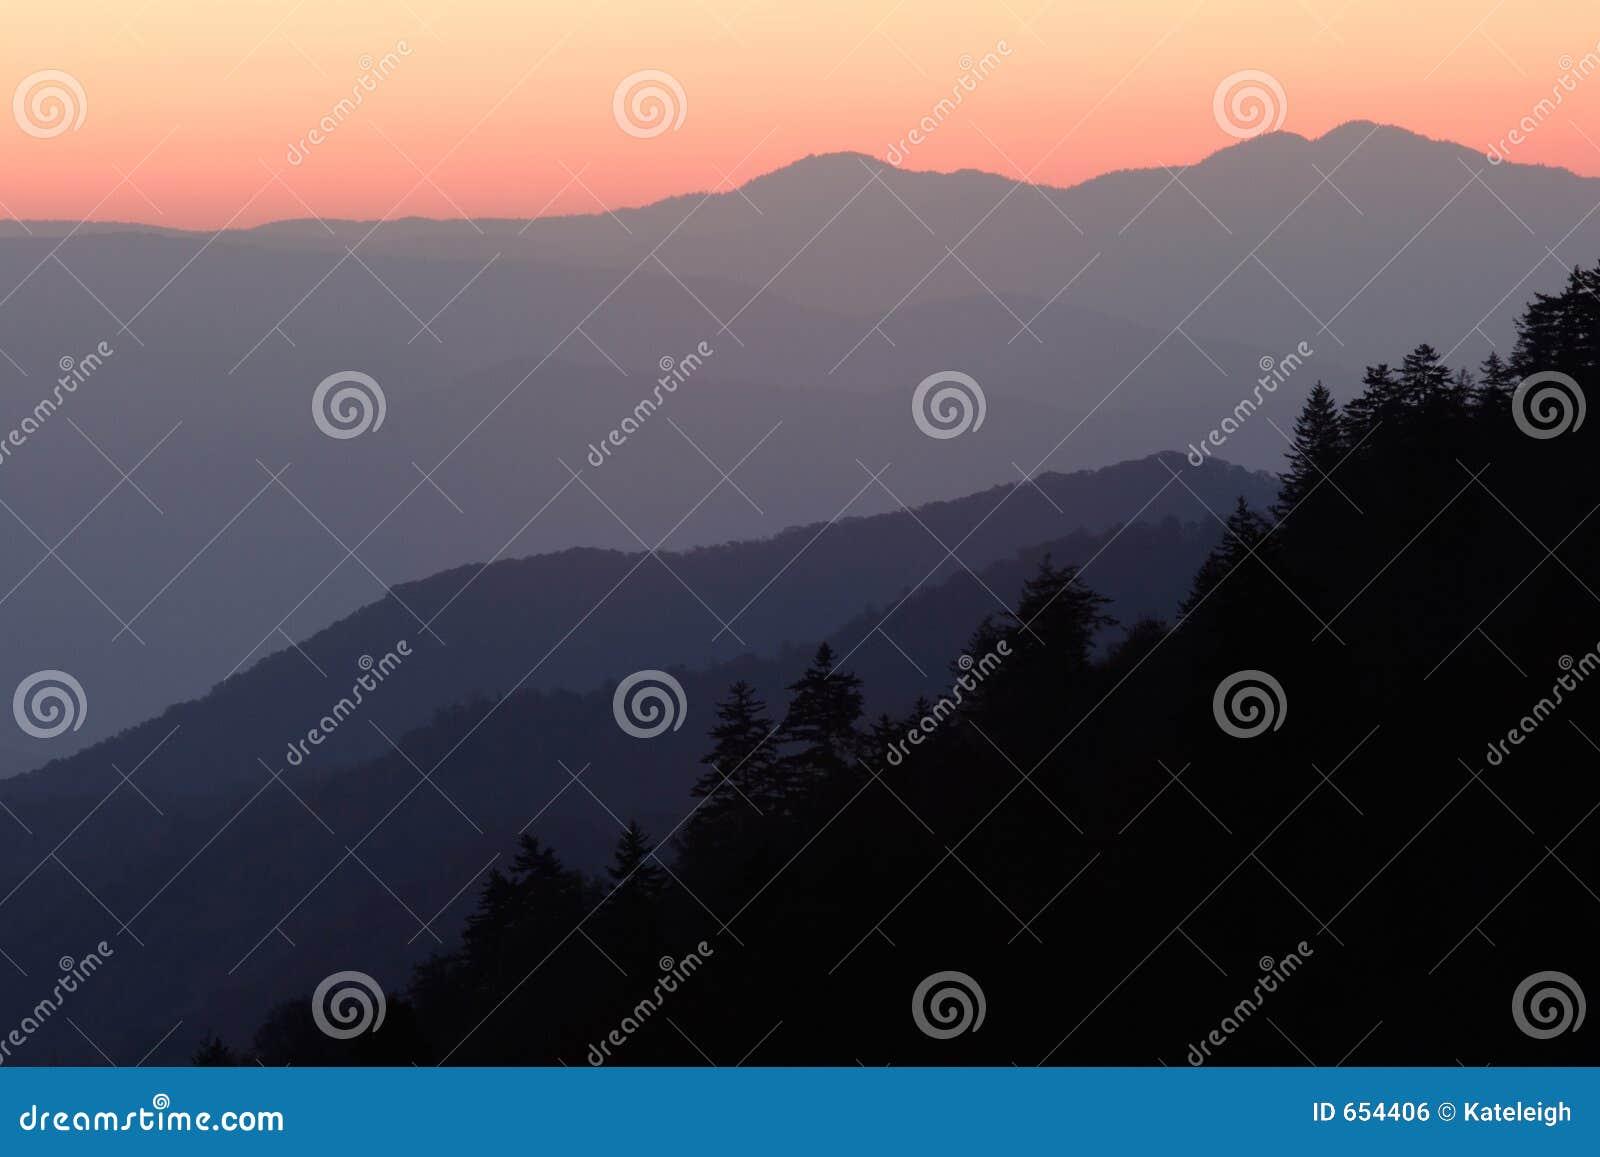 Couches De Lever De Soleil De Montagne Photo Stock Image Du